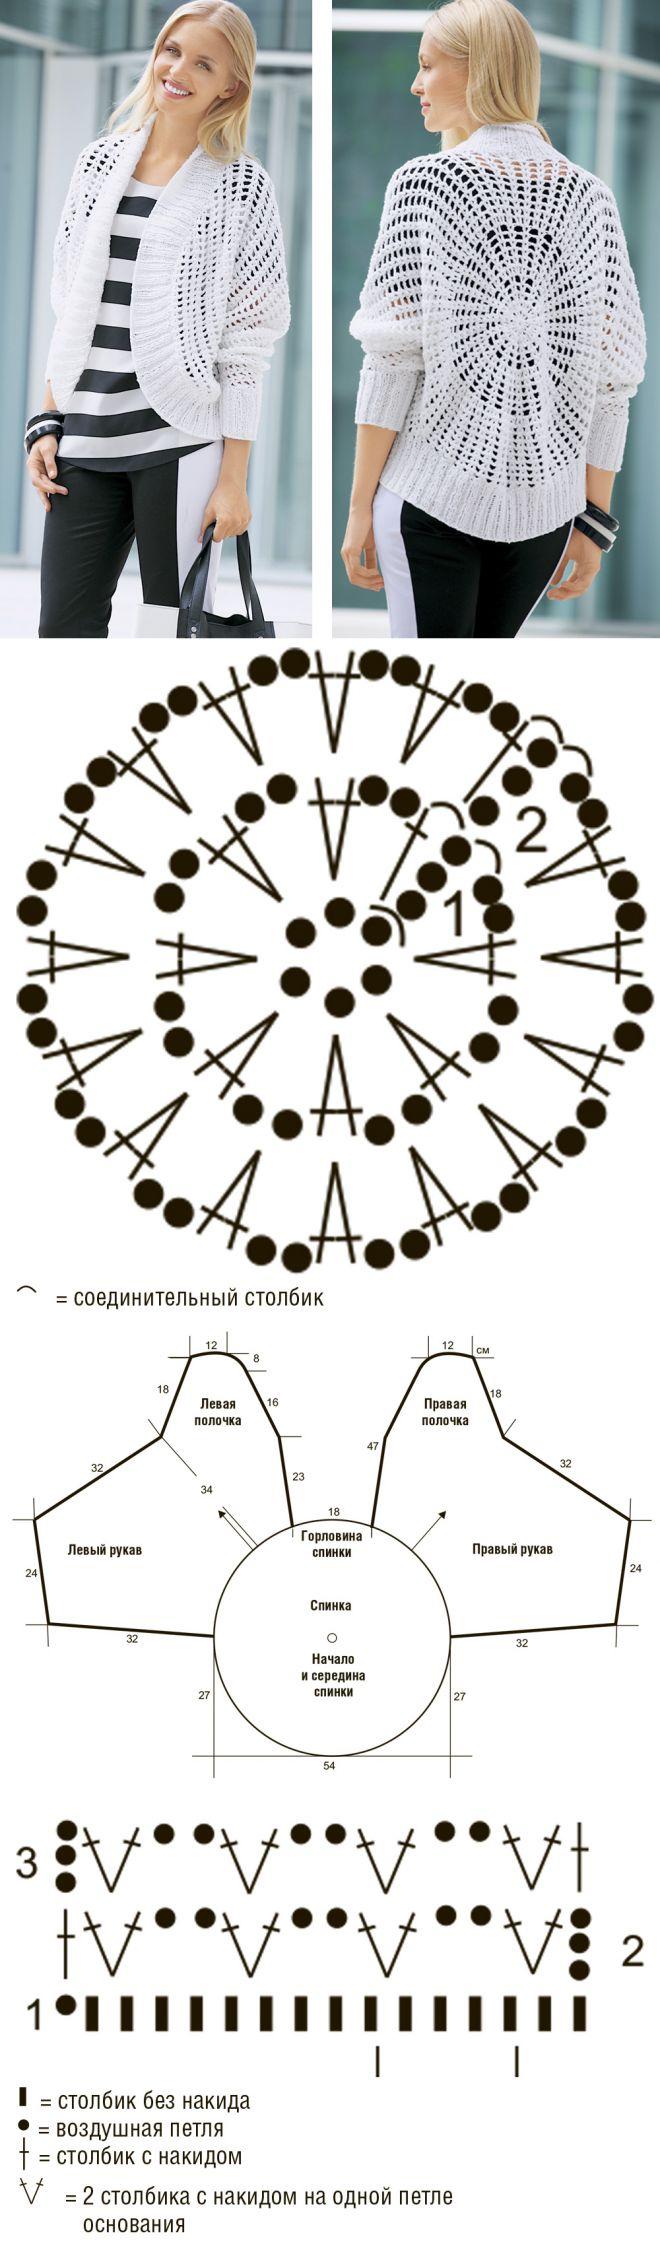 схема вязания крючком кардигана для начинающих